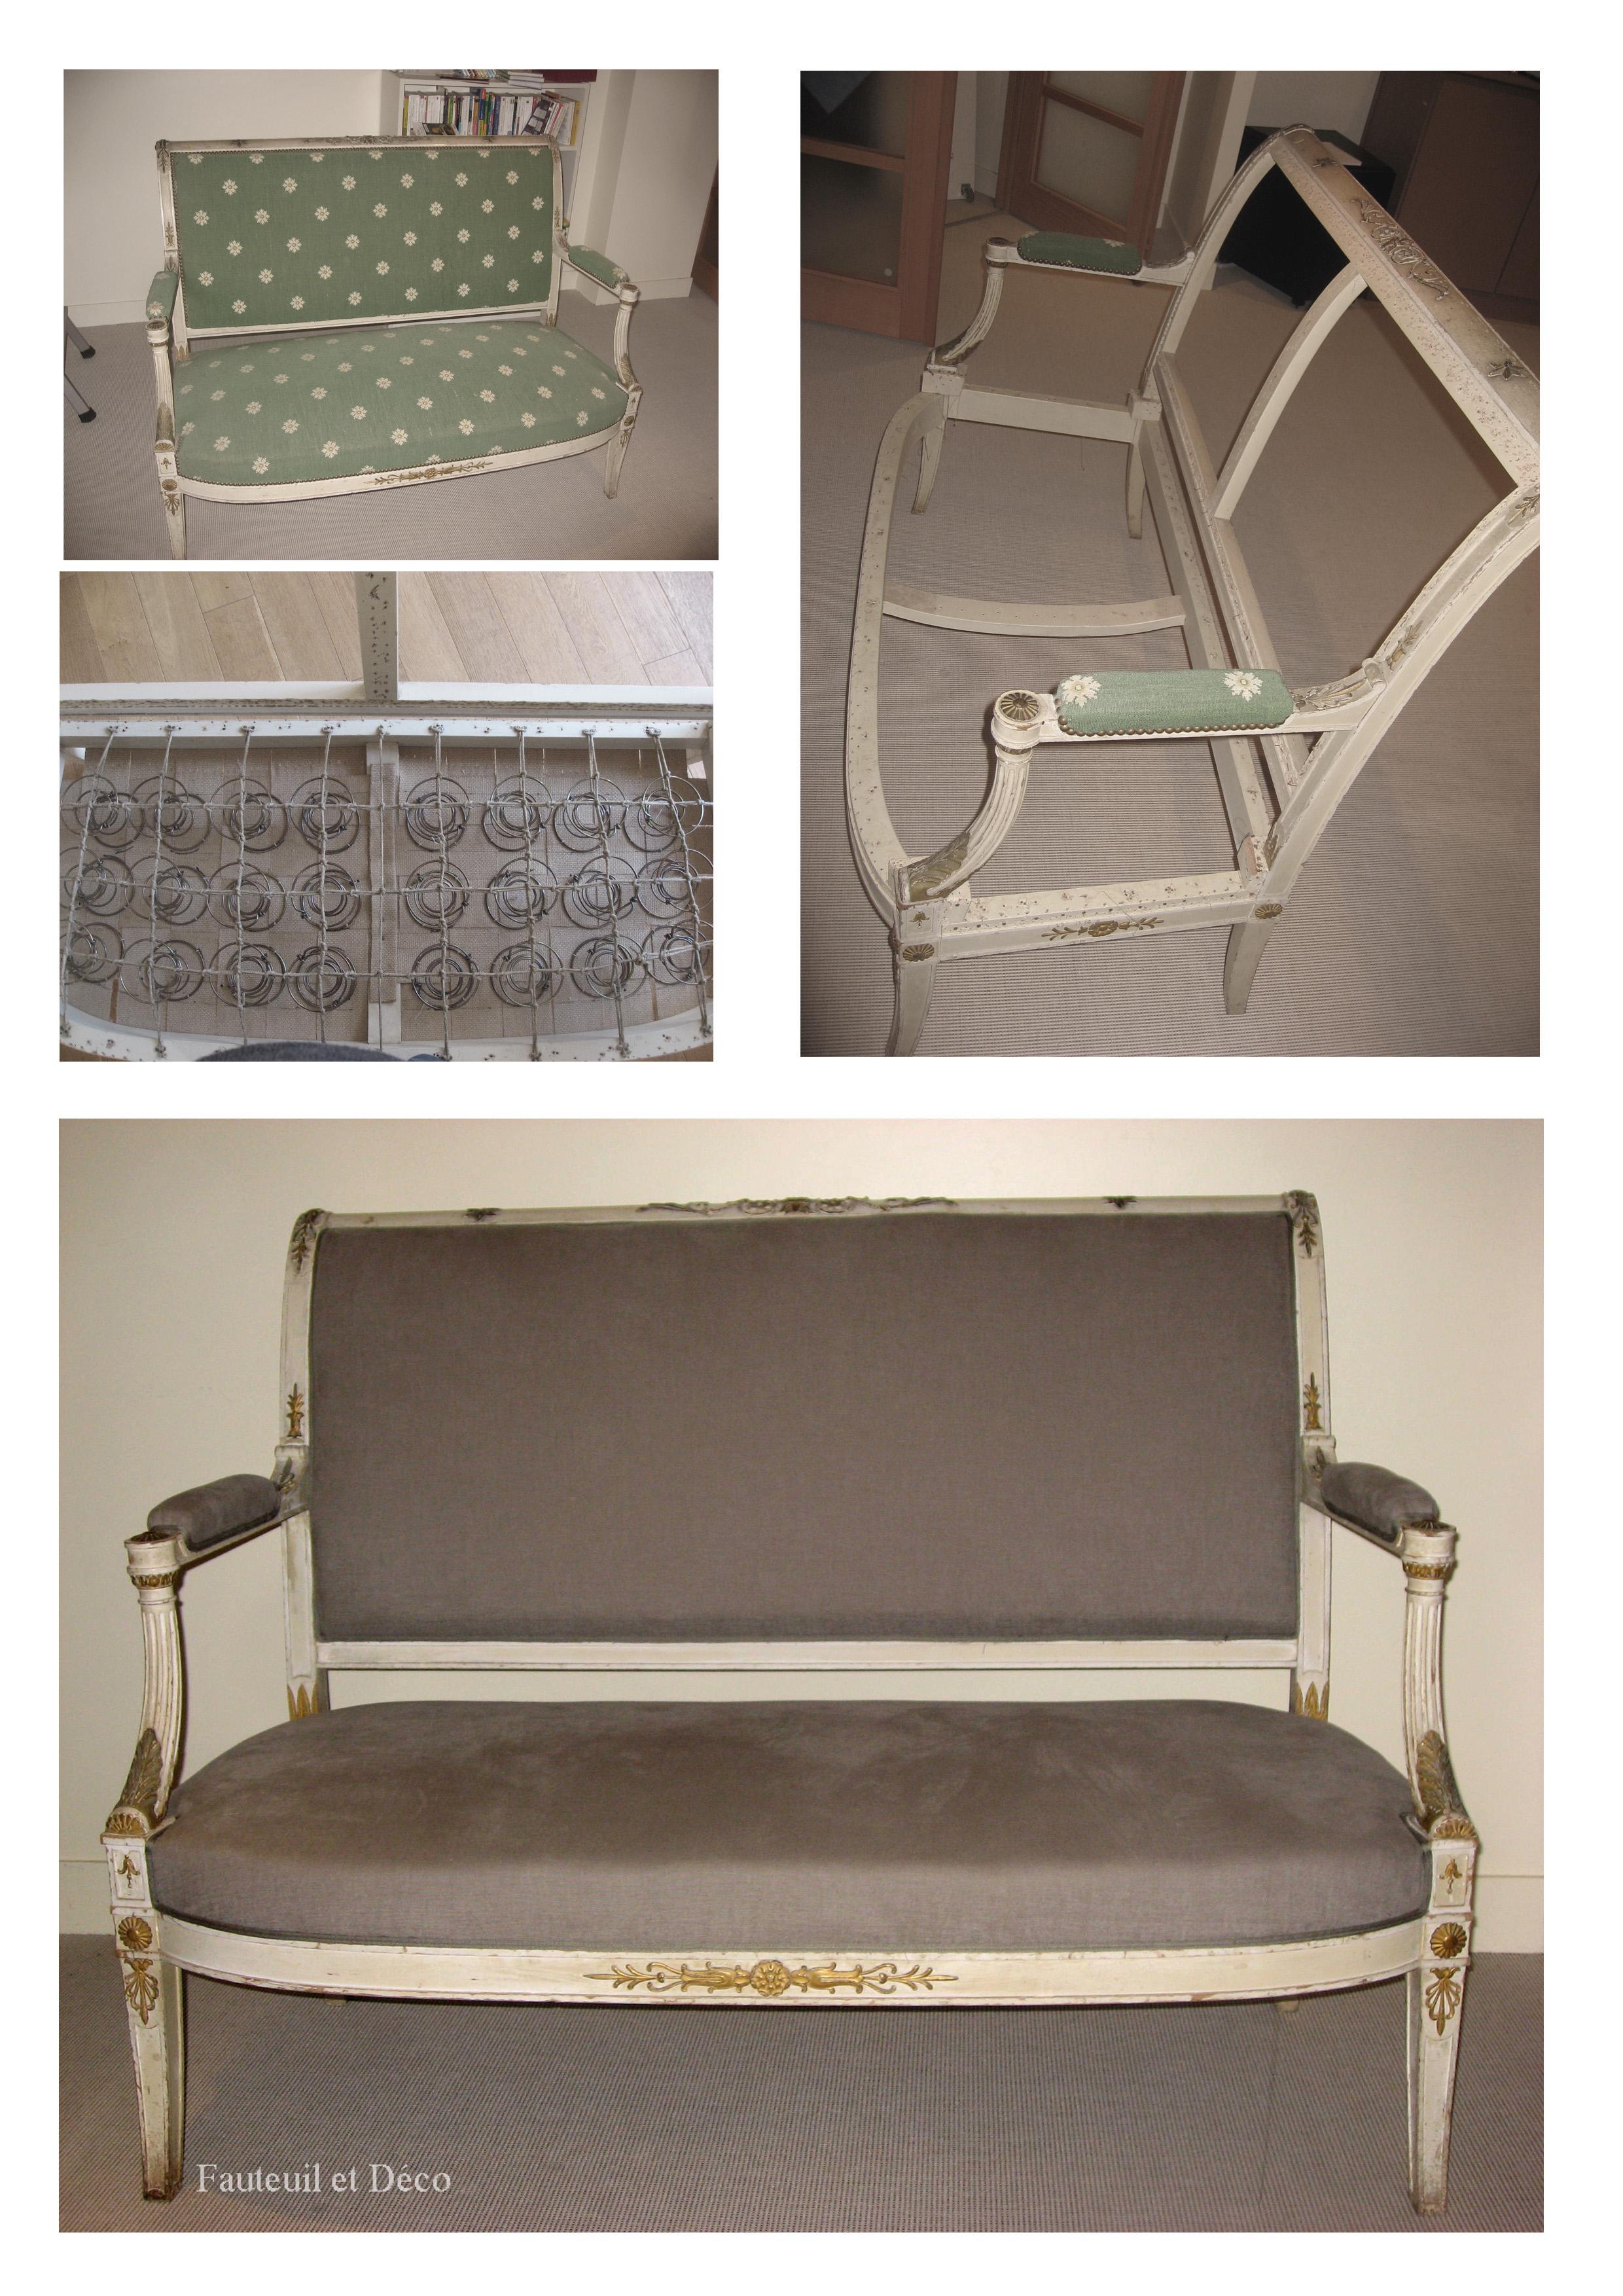 Fauteuils directoire fauteuil d co for Canape directoire